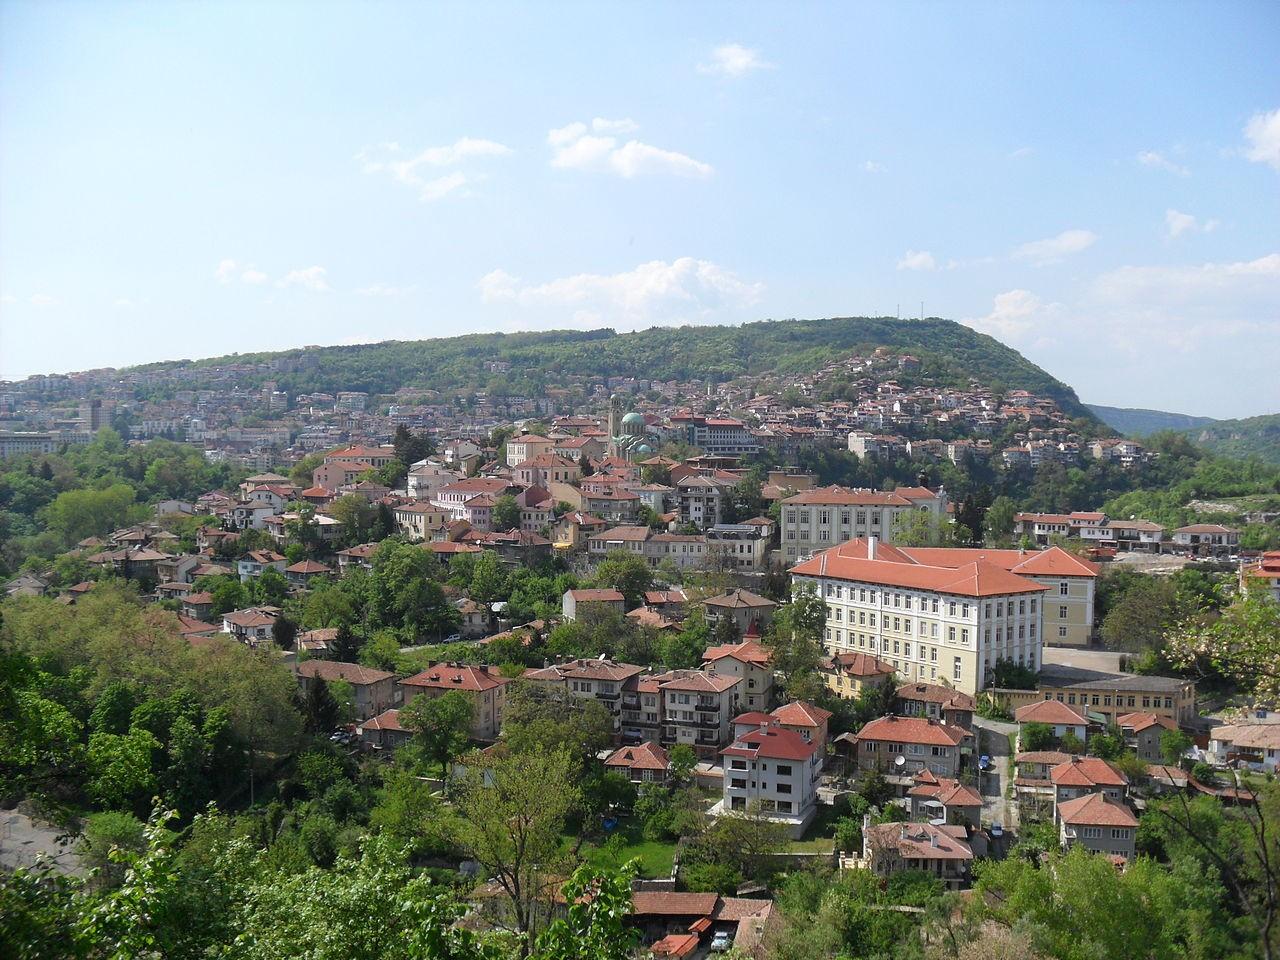 случае харманли болгария фото количество различных достопримечательностей